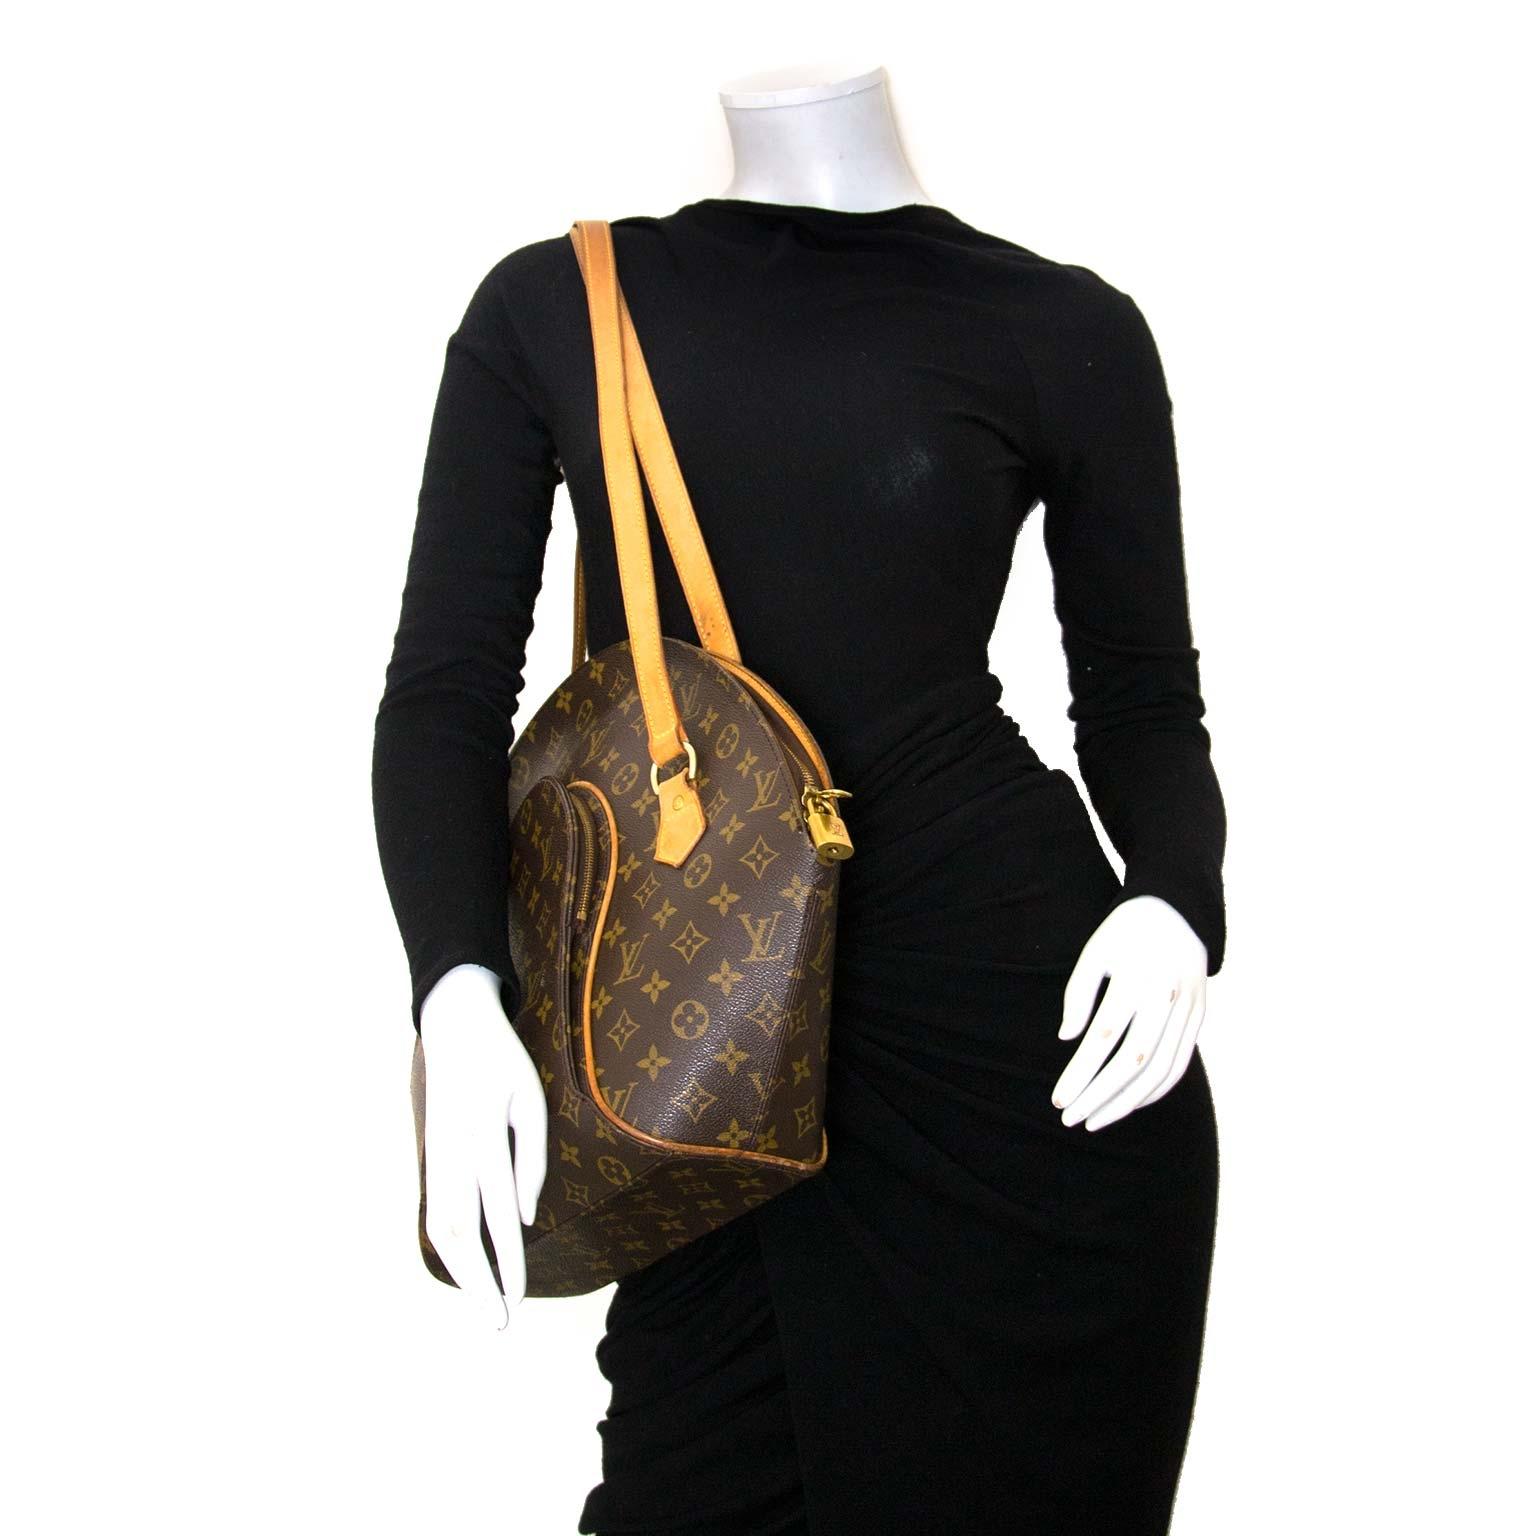 acheter en ligne chez labellov.com pour le meilleur prix Louis Vuitton Monogram Ellipse Shoulder Bag